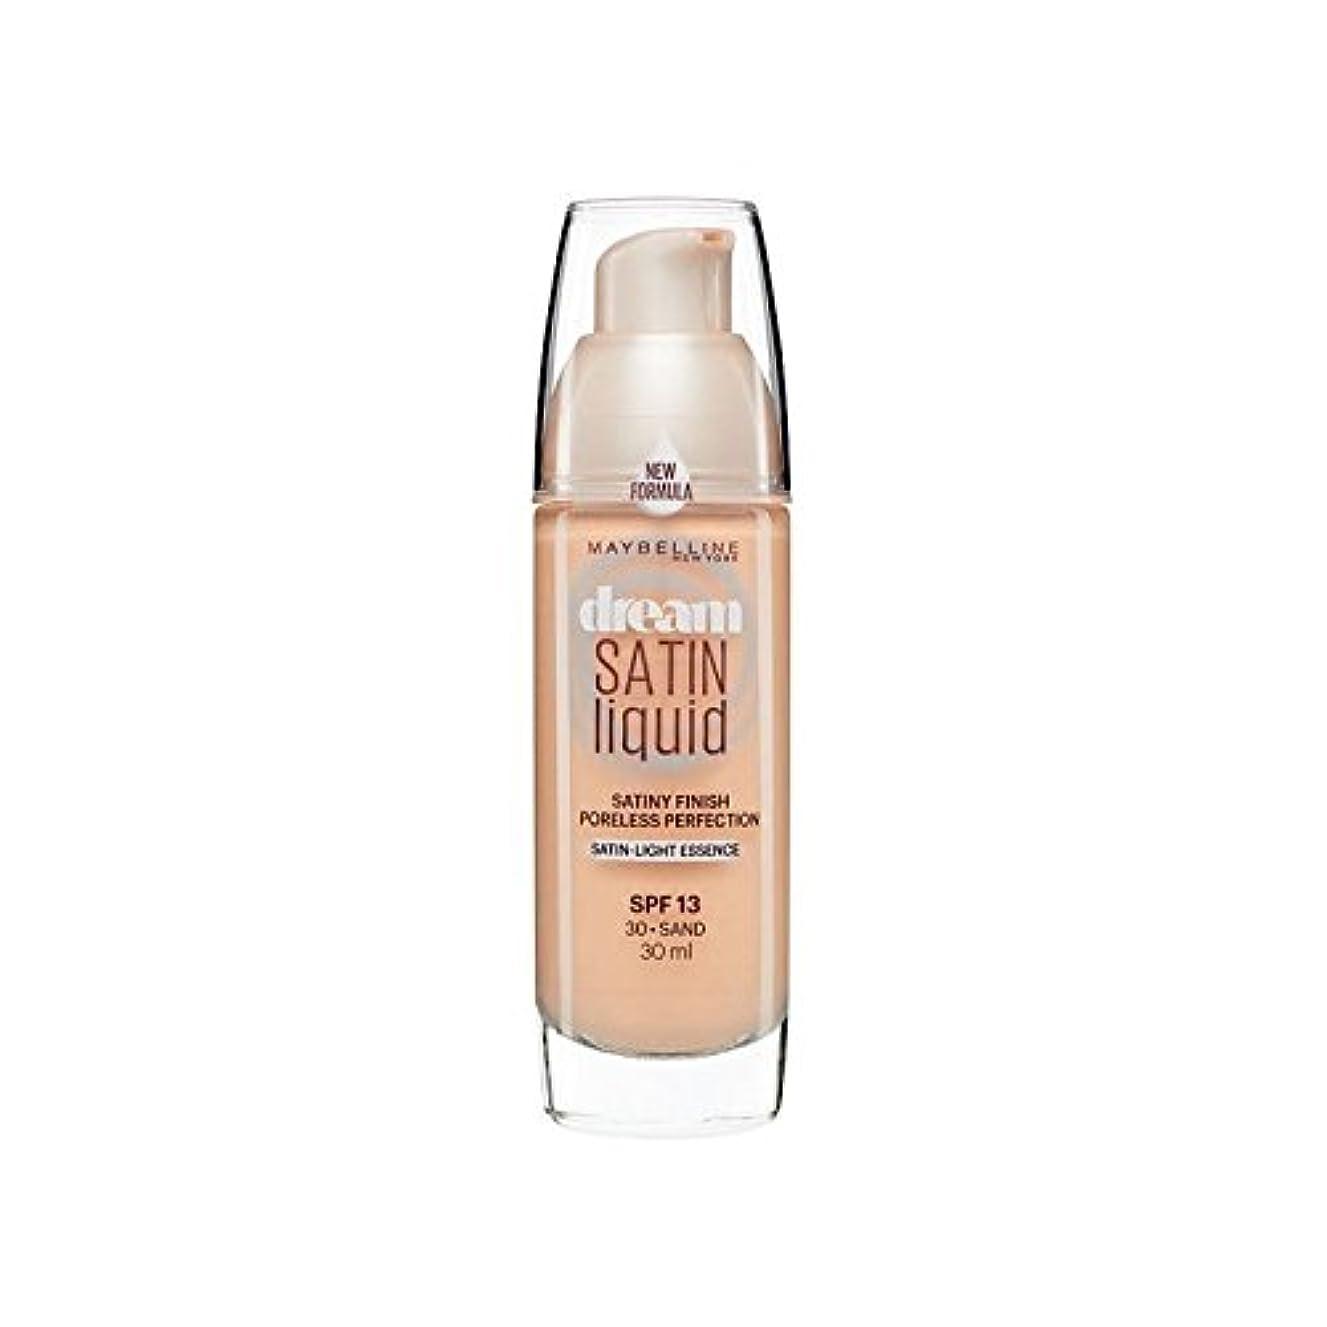 動員する医師置くためにパックメイベリン夢サテンリキッドファンデーション30砂の30ミリリットル x4 - Maybelline Dream Satin Liquid Foundation 30 Sand 30ml (Pack of 4) [並行輸入品]